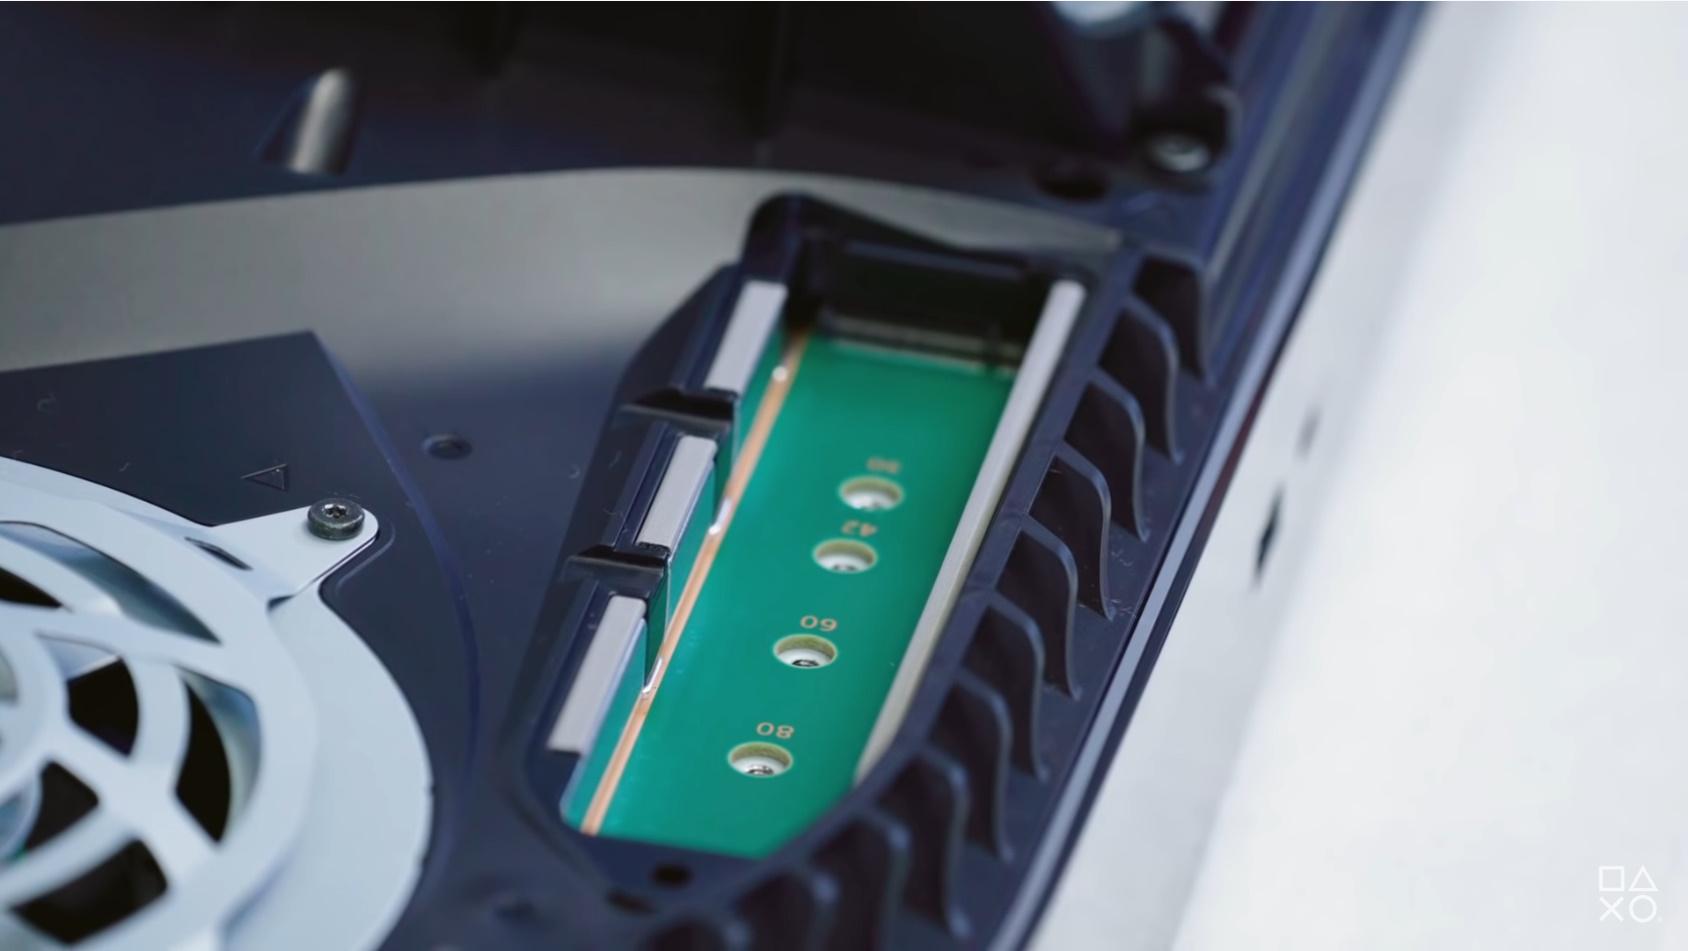 b5472c6f9da491d2 - DF「PS5は内蔵SSD逝ったら交換修理だし拡張SSDも冷えねーだろコレ」